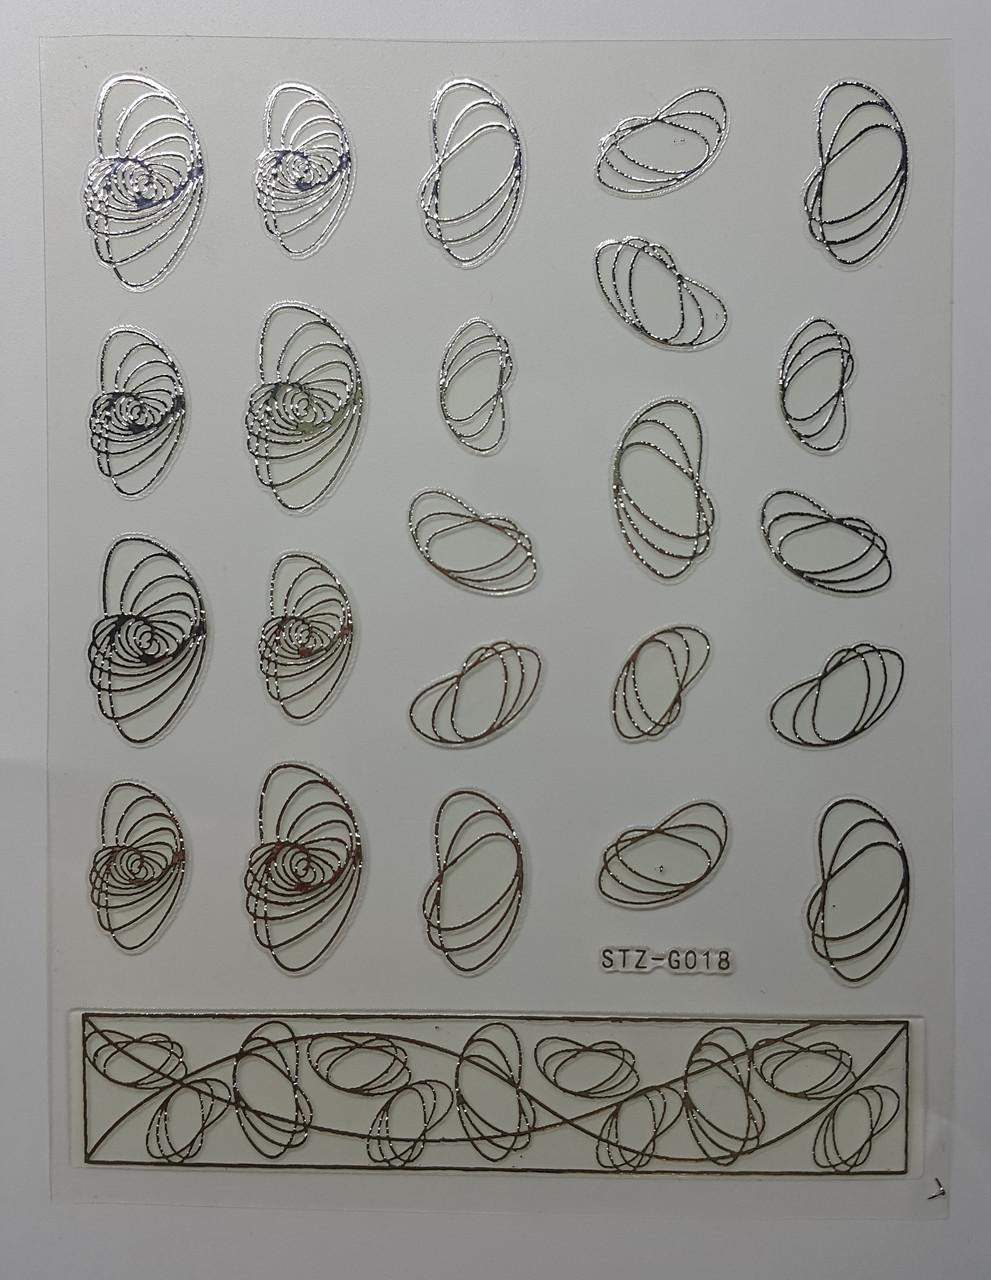 Гибкая 3D наклейка для ногтей (маникюра) STZ-G018 серебро